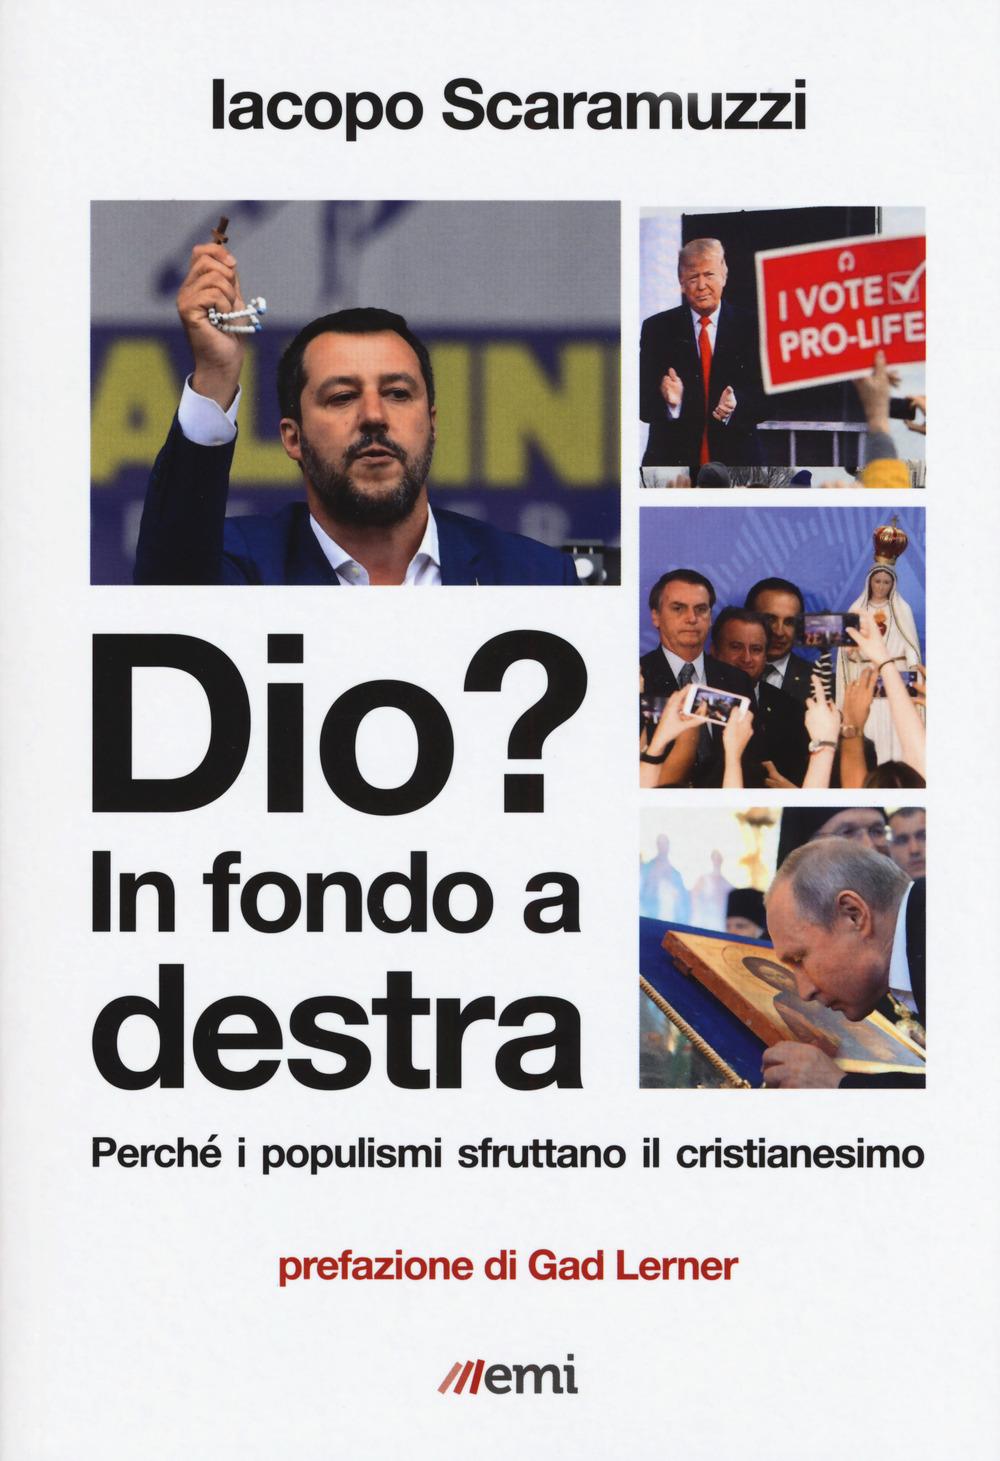 DIO? IN FONDO A DESTRA. COME I POPULISMI STRUMENTALIZZA - Scaramuzzi Iacopo - 9788830724594